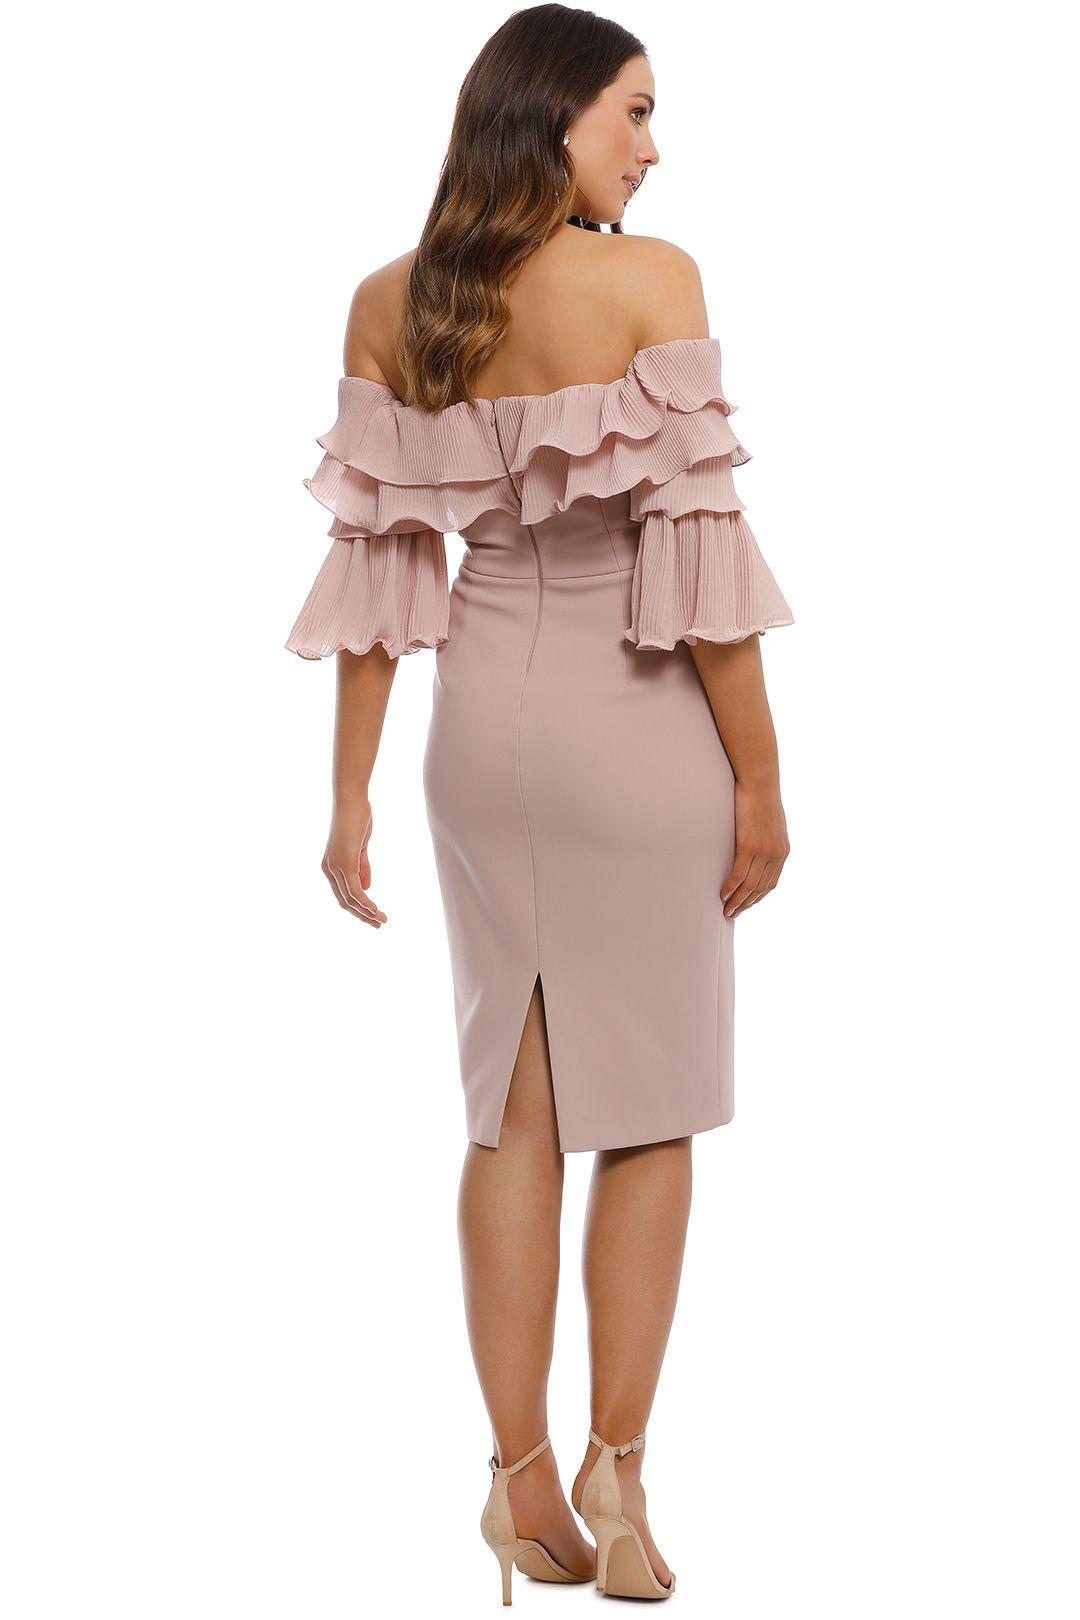 Talulah - Walk On By Off Shoulder Midi Dress - Blush - Back